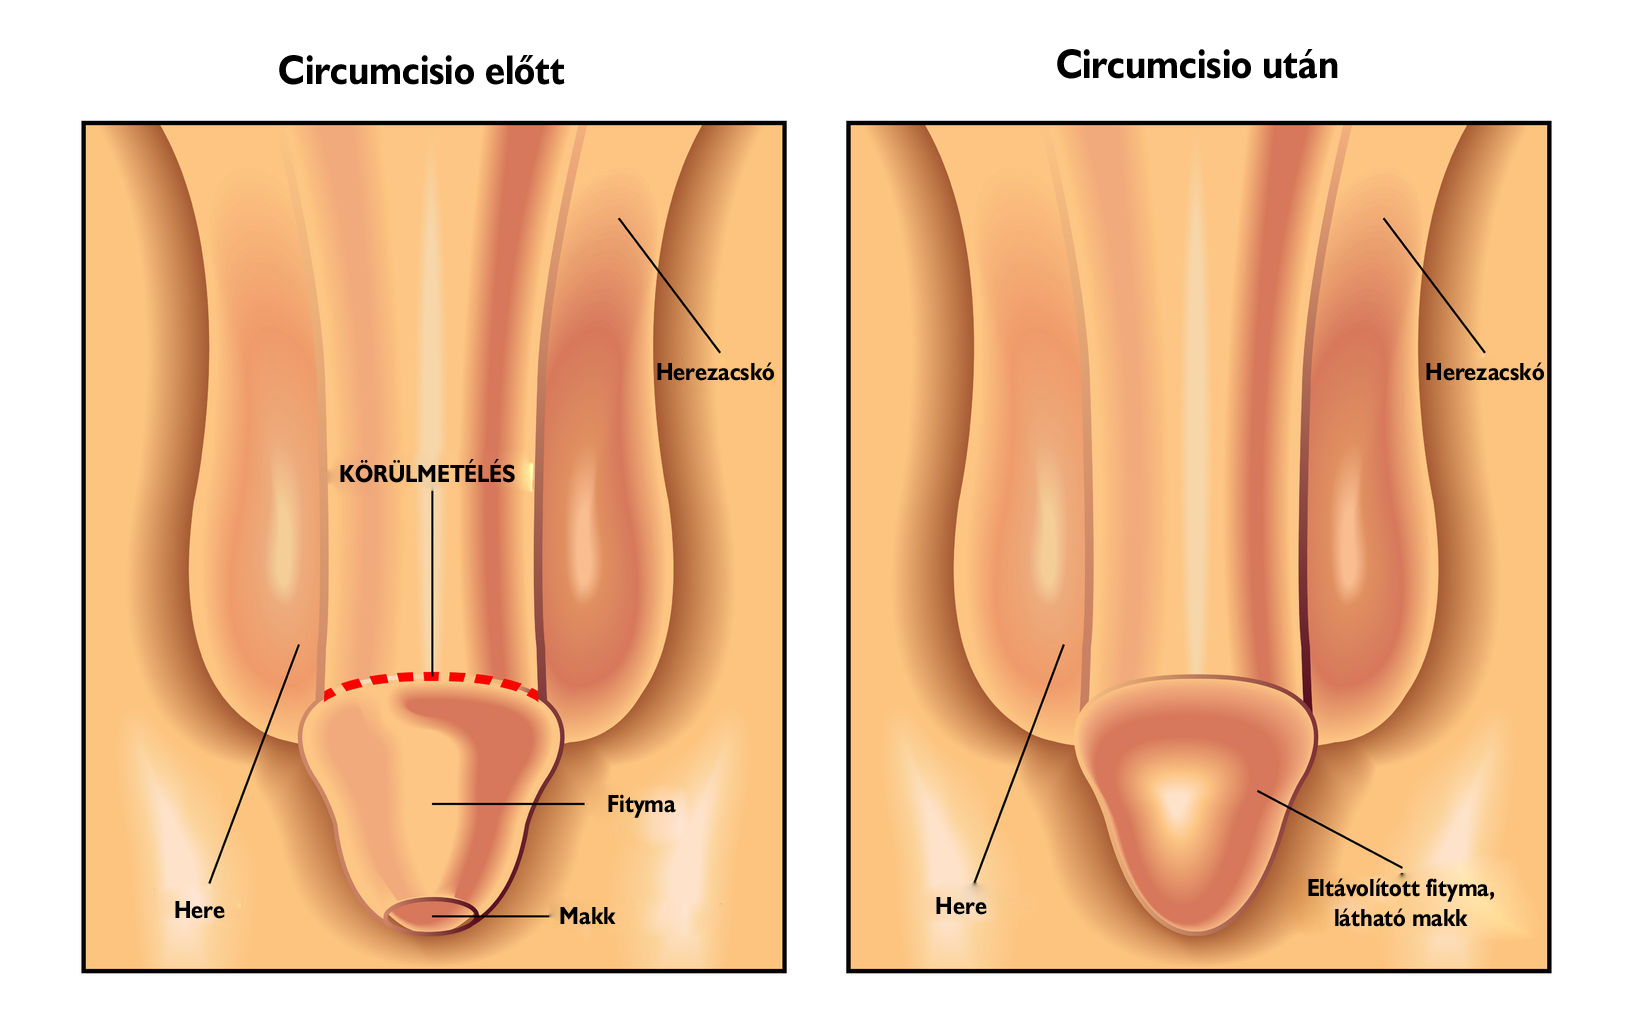 pénisz kis kezelés étrend-kiegészítő erekcióhoz